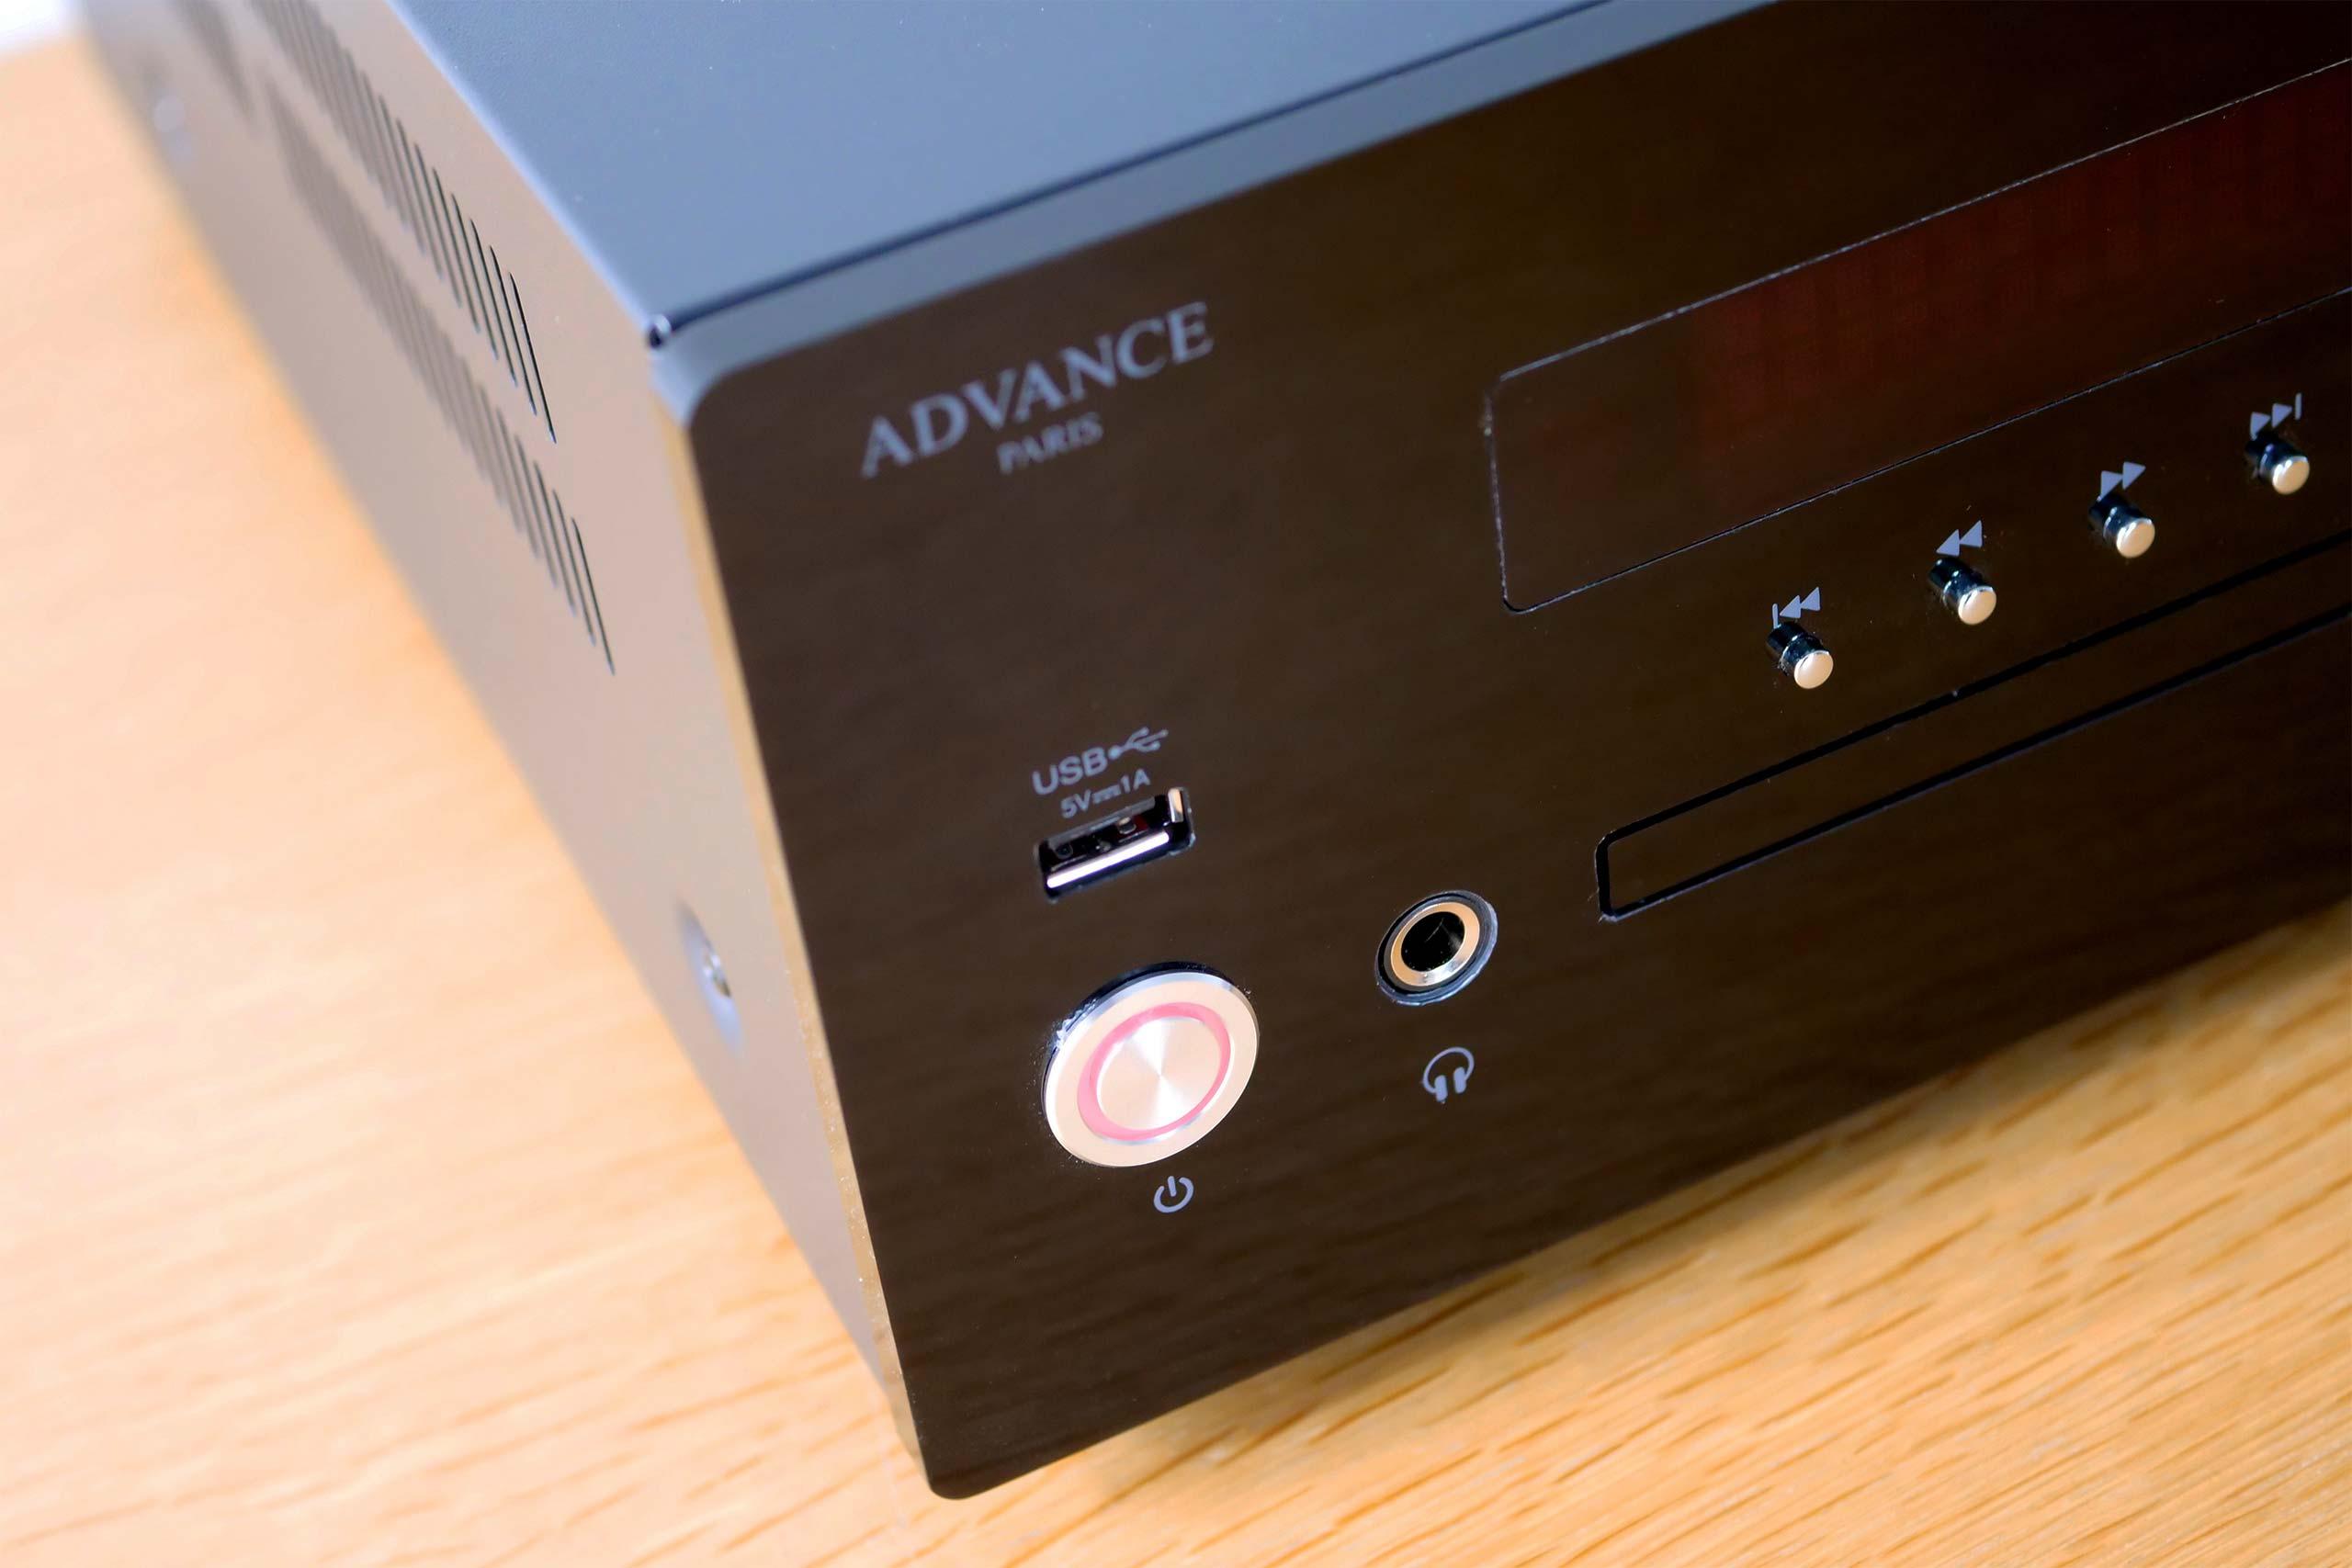 Un port USB et une sortie casque 6.35mm sont directement accessibles en façade de l'appareil.